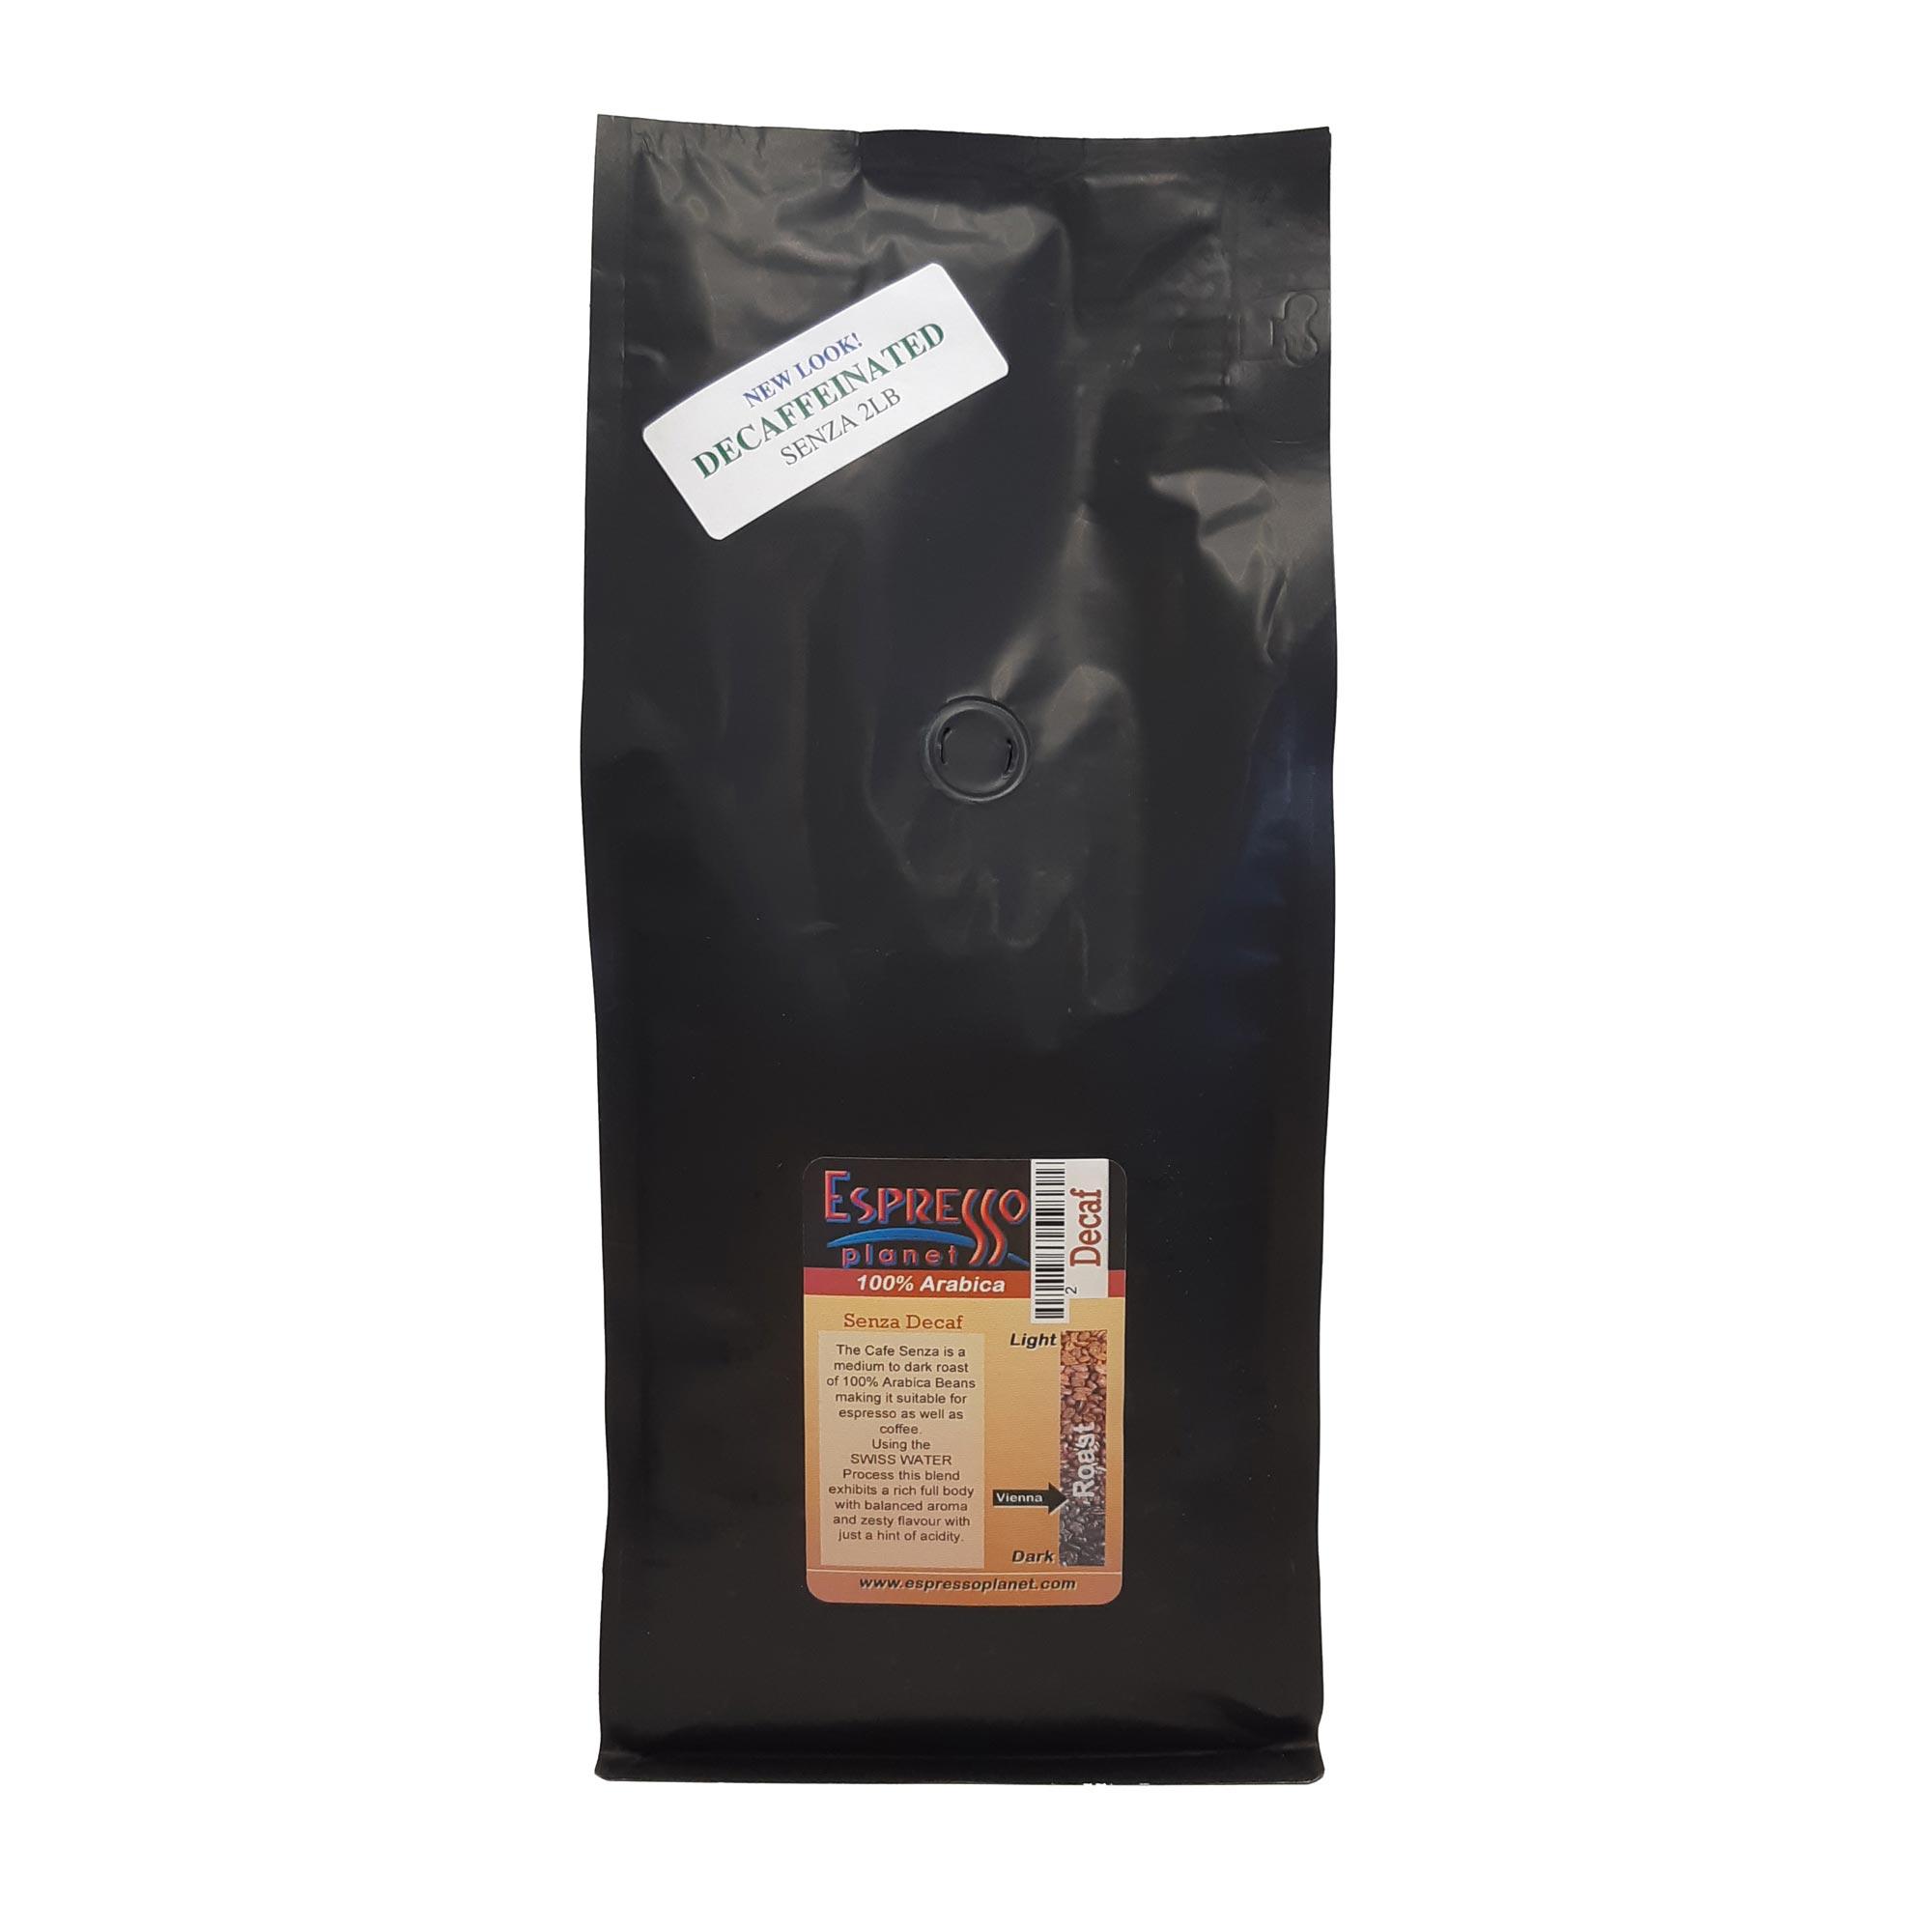 Espresso Planet Decaf Blend - Cafe Senza Decaffeinated Beans 2 lb Bag